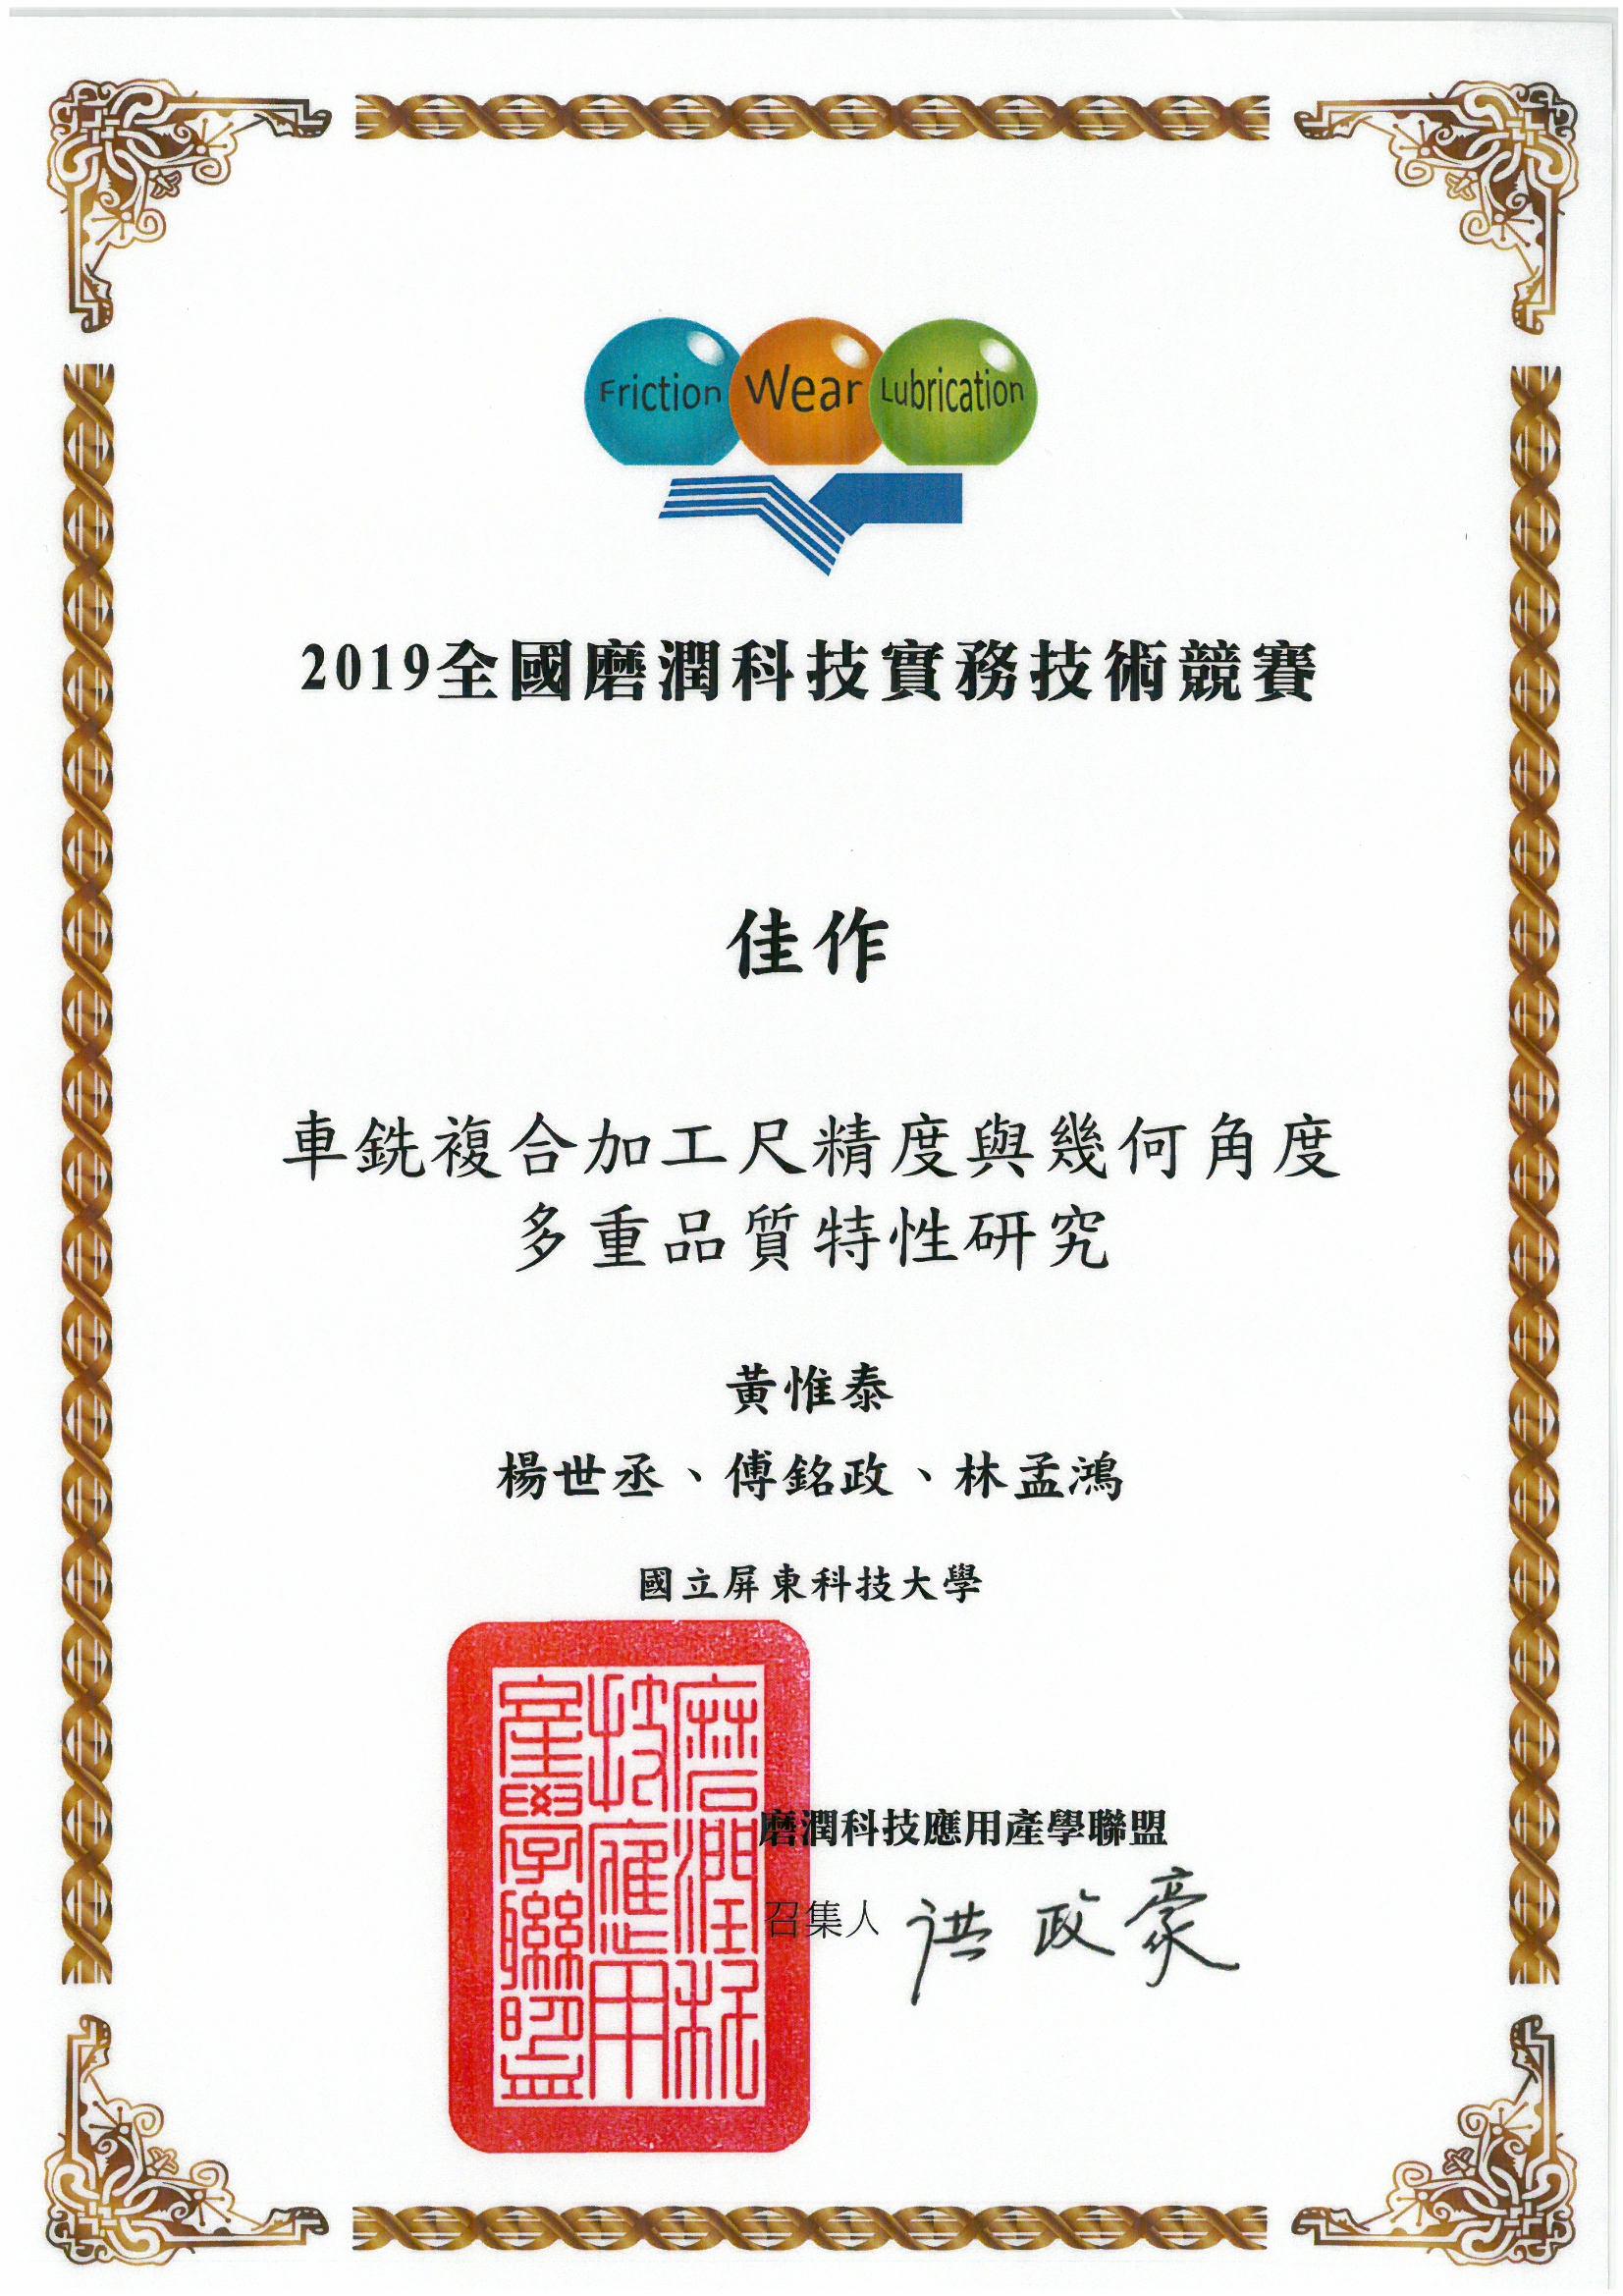 黃惟泰老師指導學生參加2019全國磨潤科技實務技術競賽榮獲佳作